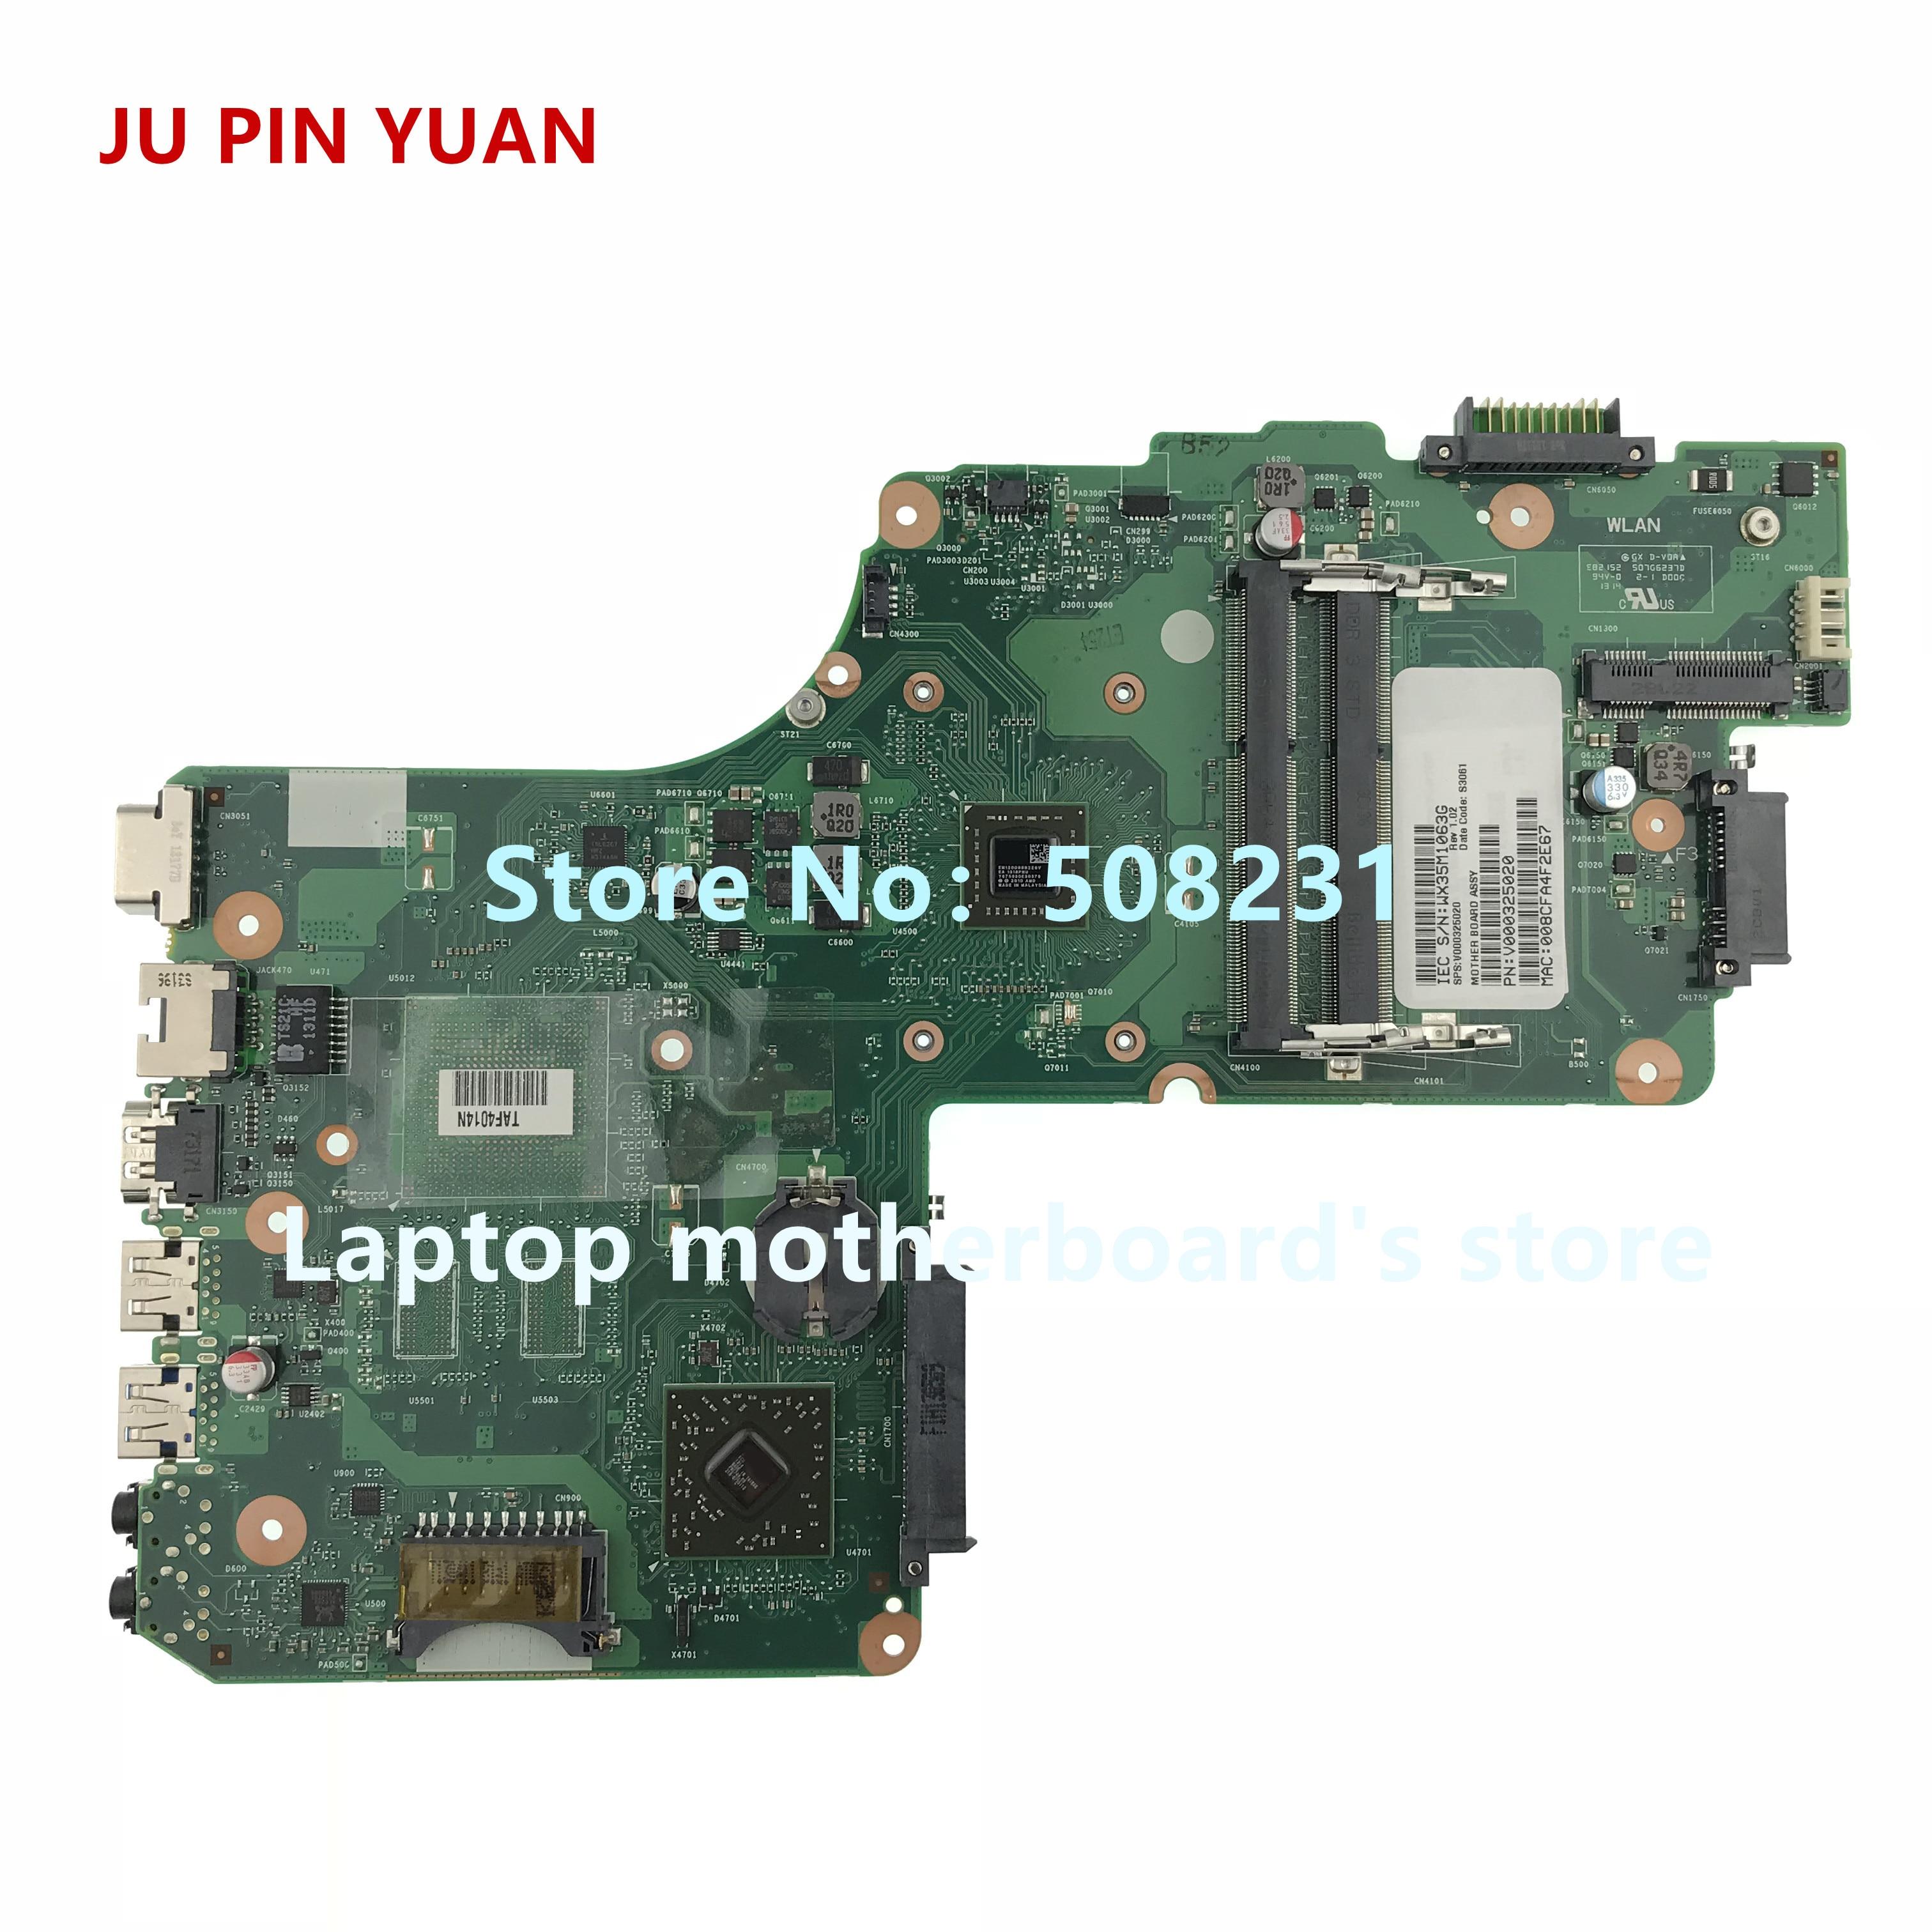 جو دبوس يوان V000325020 اللوحة لتوشيبا C50D C50D-A C55D-A C55D-A5201 اللوحة المحمول 6050A2565601-MB-A02